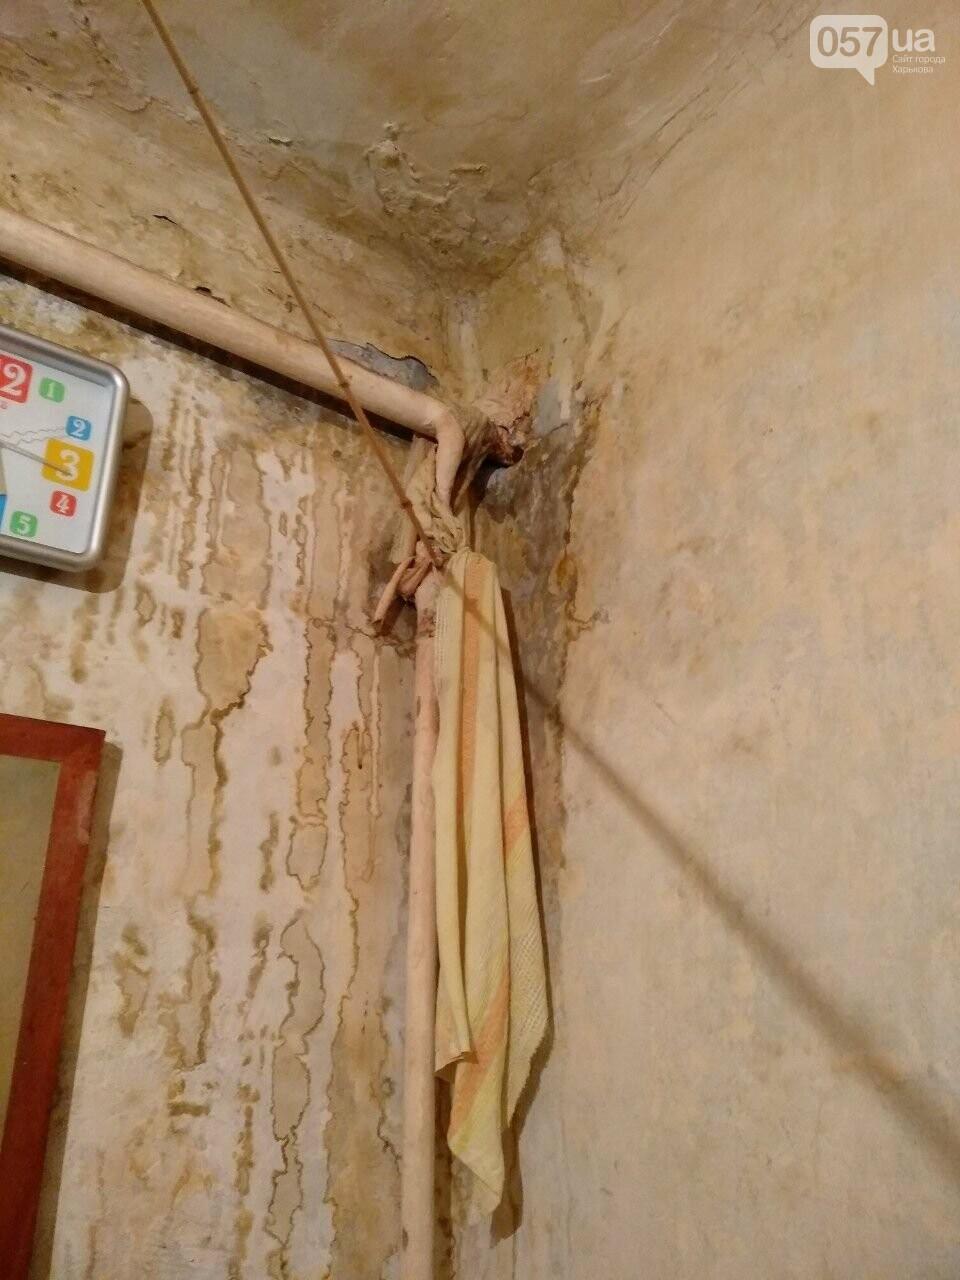 Залитые стены квартир и разваливающаяся стена дома: харьковчане пытаются справиться с коммунальным коллапсом, - ФОТО, фото-11